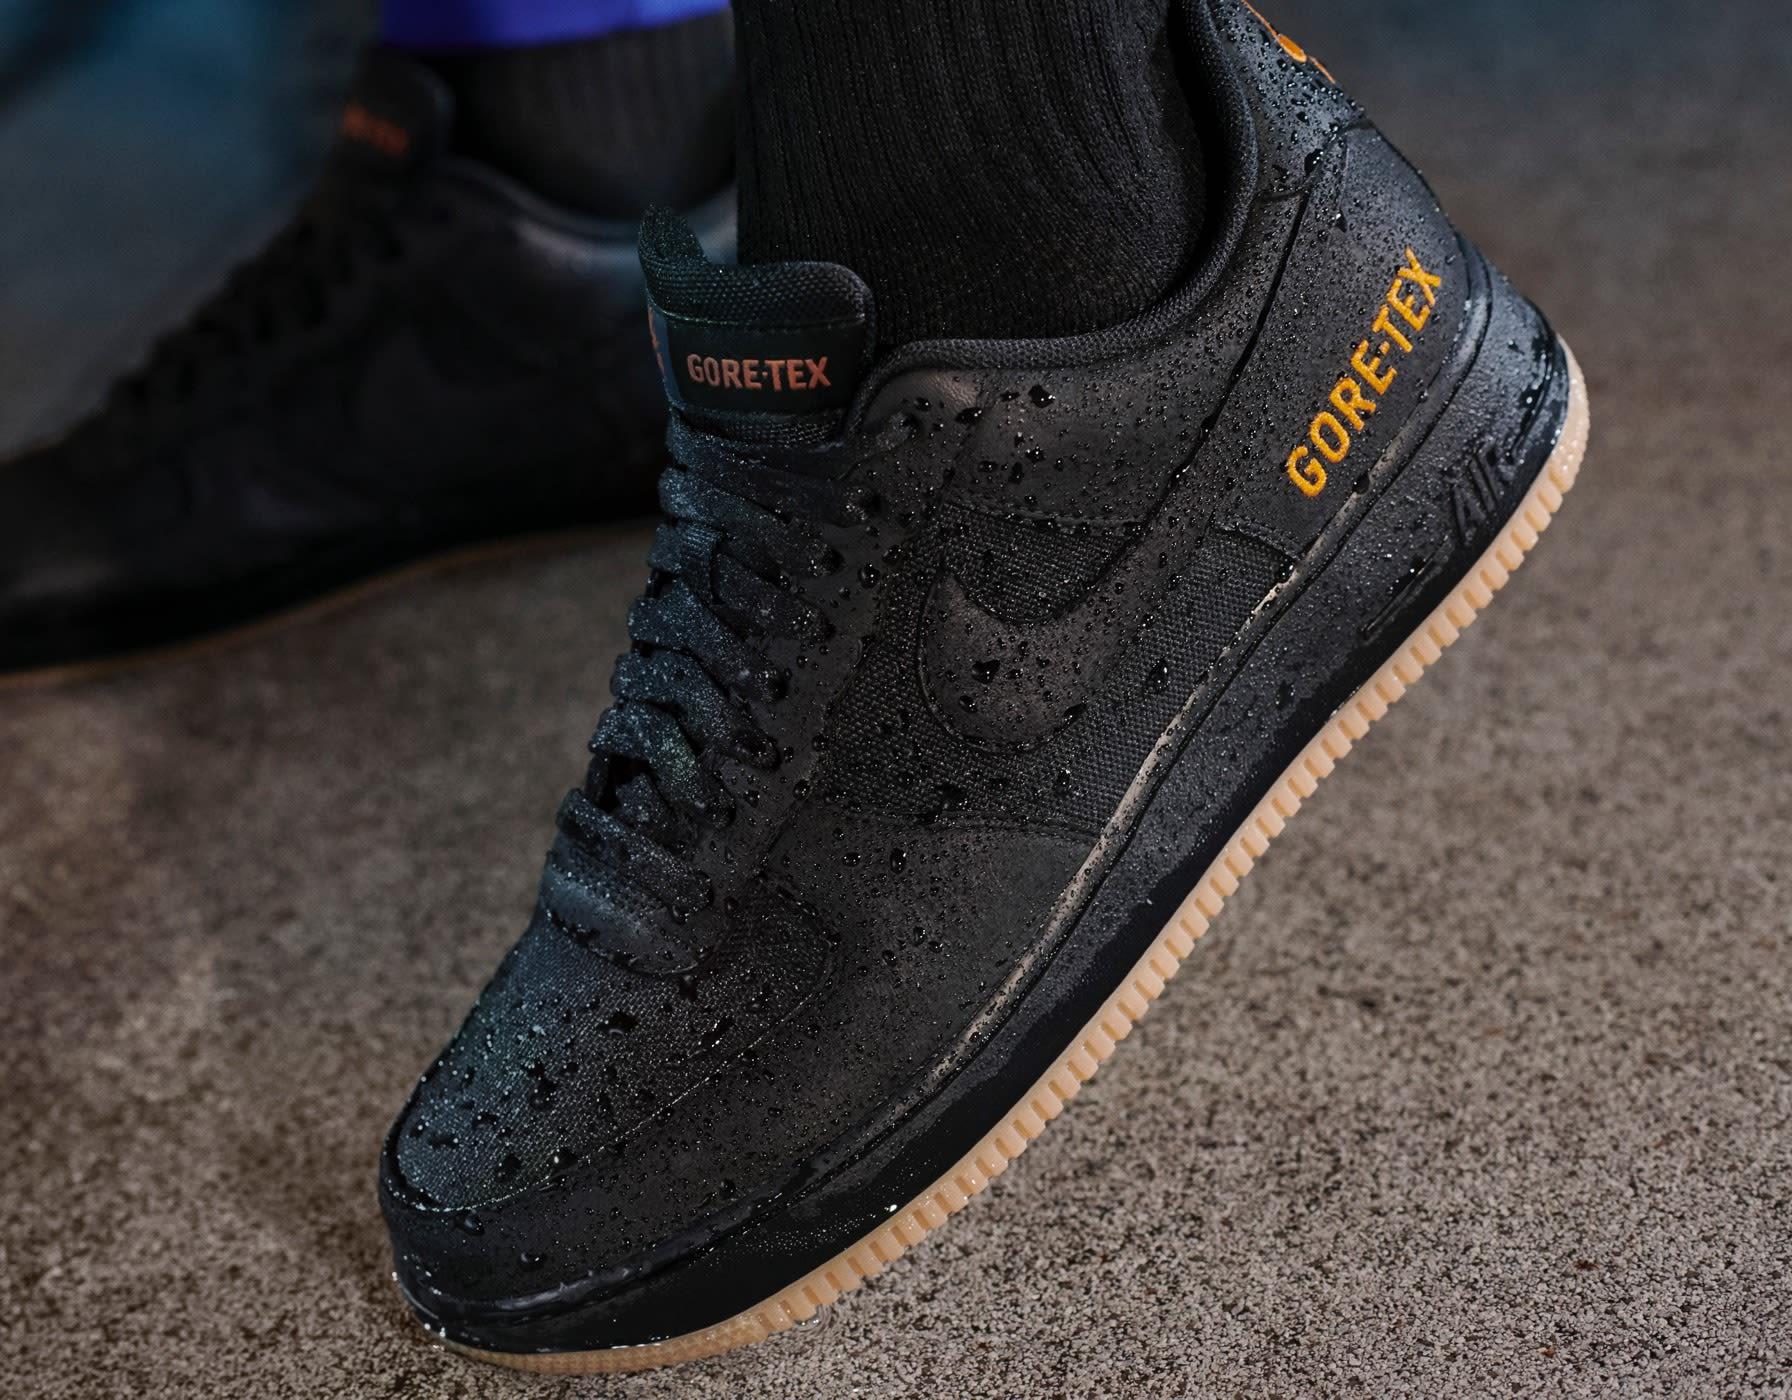 Rote Nike Schuhe eBay Kleinanzeigen